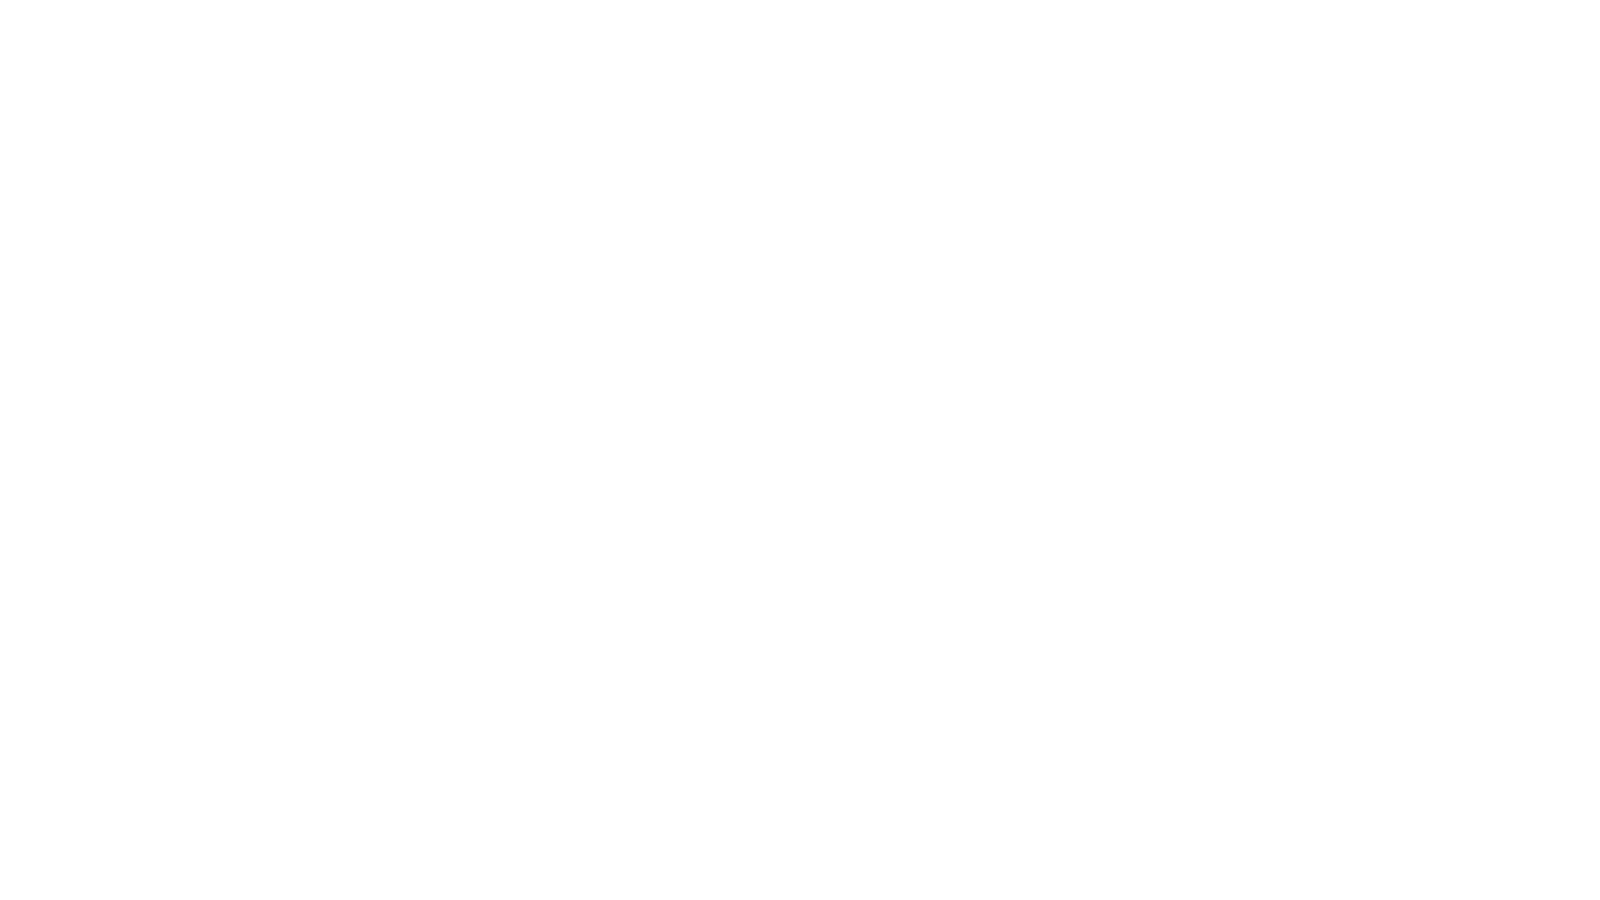 Tervetuloa kuulemaan ajankohtaista asiaa Auran asuntomarkkinoista!  Kiinnostaako Aura vireänä asuinpaikkana? Mitä hankkeita on käynnistymässä? Kiinnostaisiko hyvätuottoisen sijoitusasunnon osto? Entä miten ketterästi kunta palvelee tontin ostajia?  Ohjelma: • Tervetuloa • Asuntomarkkinoiden tilanne Aurassa – Jethro Rostedt, hallituksen puheenjohtaja, Aninkaisten Kiinteistönvälitys • Kunnan tontit esittelyssä- Pentti Urho, rakennustarkastaja, Auran kunta • Miten onnistui omakotitalon rakennusprojekti Auraan?- @koti.meille Instagramblogin Emmi Lehtonen • Tulevat uudishankkeet esittelyssä  Lisätiedot  Anna-Mari Alkio anna-mari.alkio@aura.fi  ___________________________________ AURAN KUNTA - Elävän virran kunta  https://www.aura.fi  FB: https://www.facebook.com/aurankunta IG: https://www.instagram.com/aurankunta/  #aurankunta #elinvoimainenaura